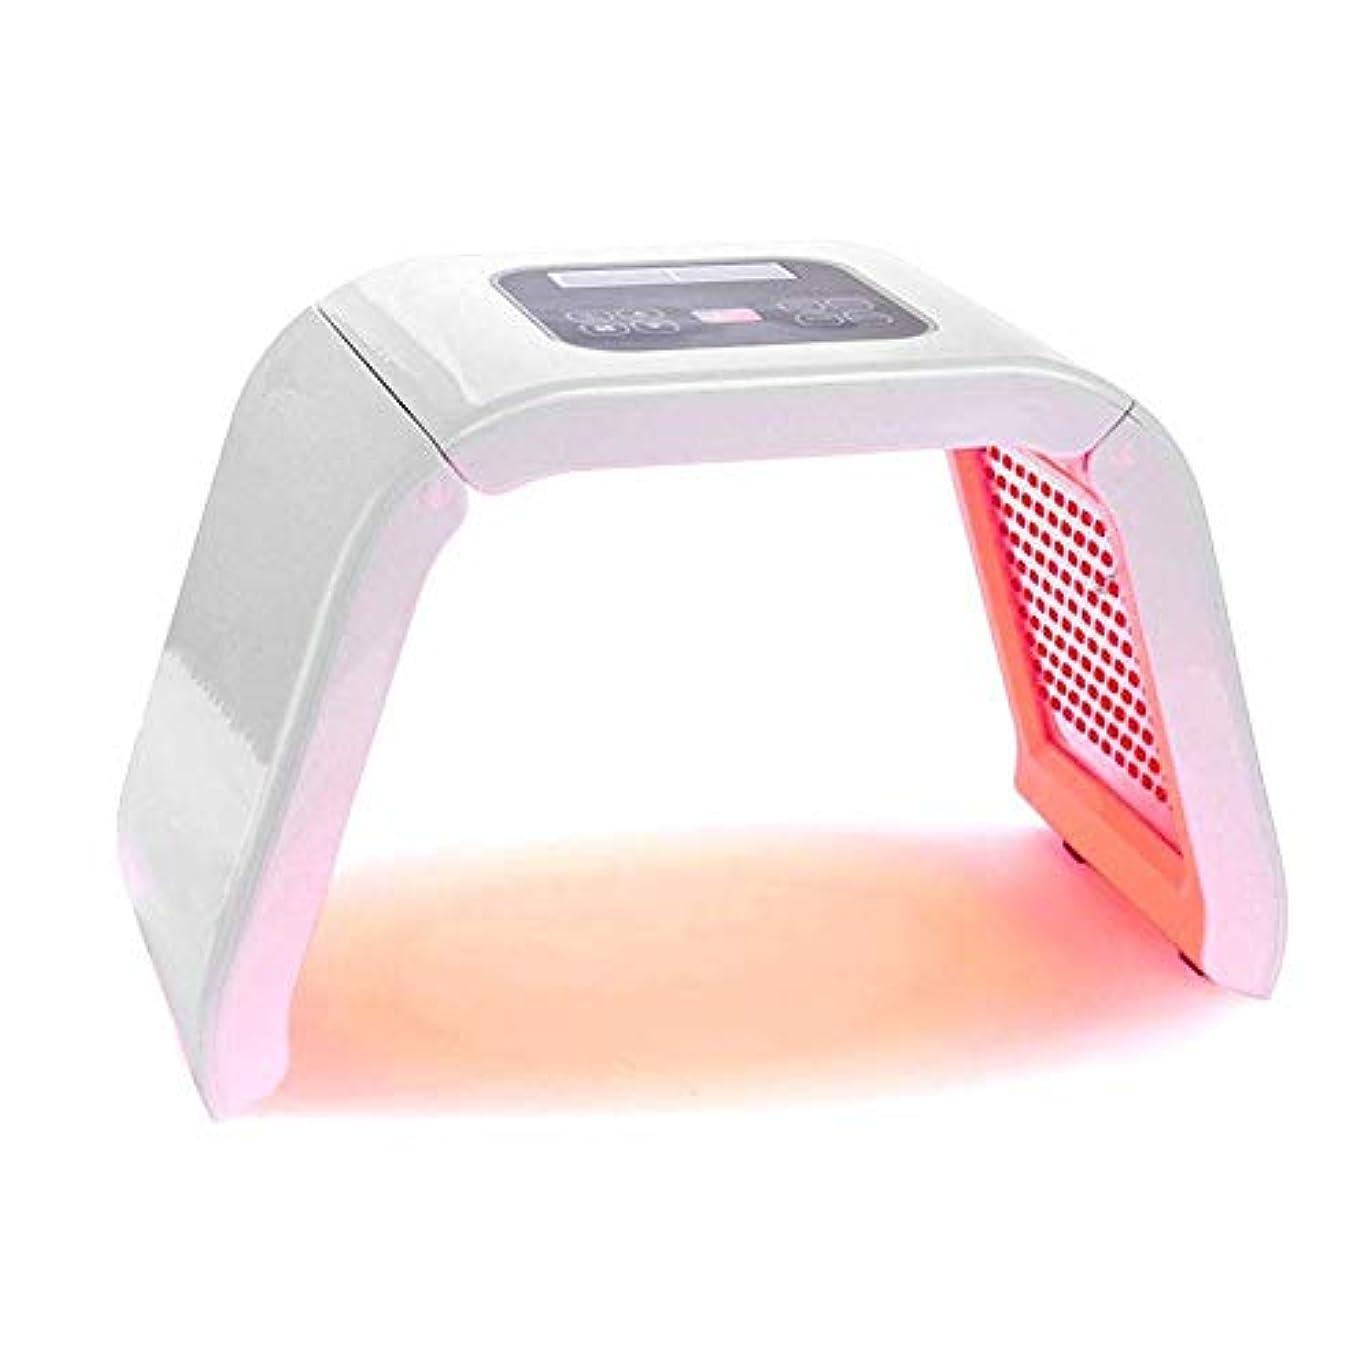 者タブレット暖かく美容機器は、7色はライト肌の若返り機器、マスクリムーバーアンチリンクルアンチエイジングを締めフェイスネックボディ-SalonスパマシンのスキンアンチエイジングスキンケアツールをLED